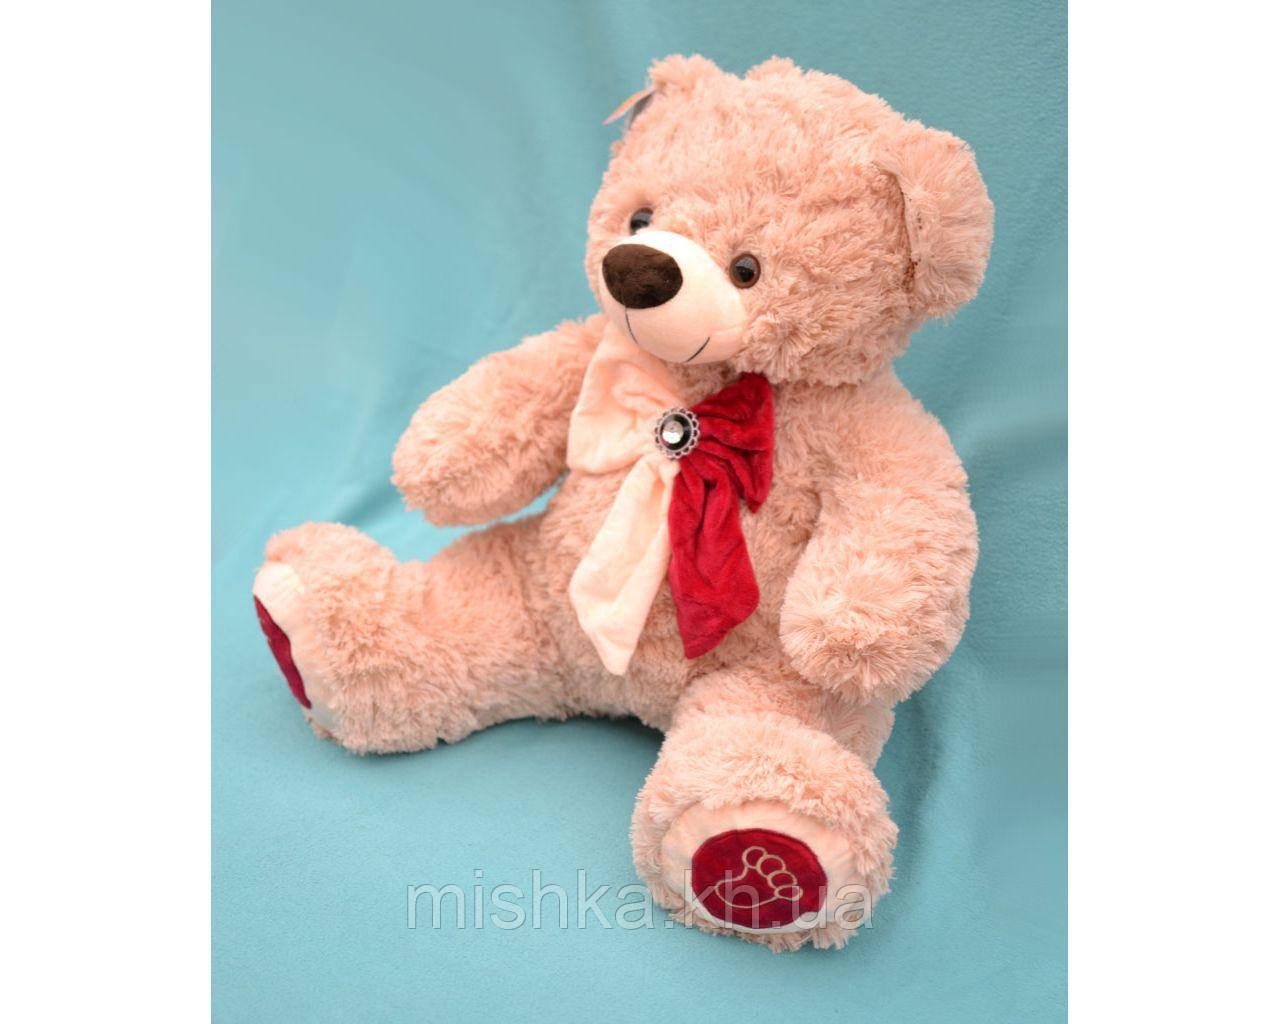 Мягкая игрушка Медведь с бантиком ГП (50 см) №21-1